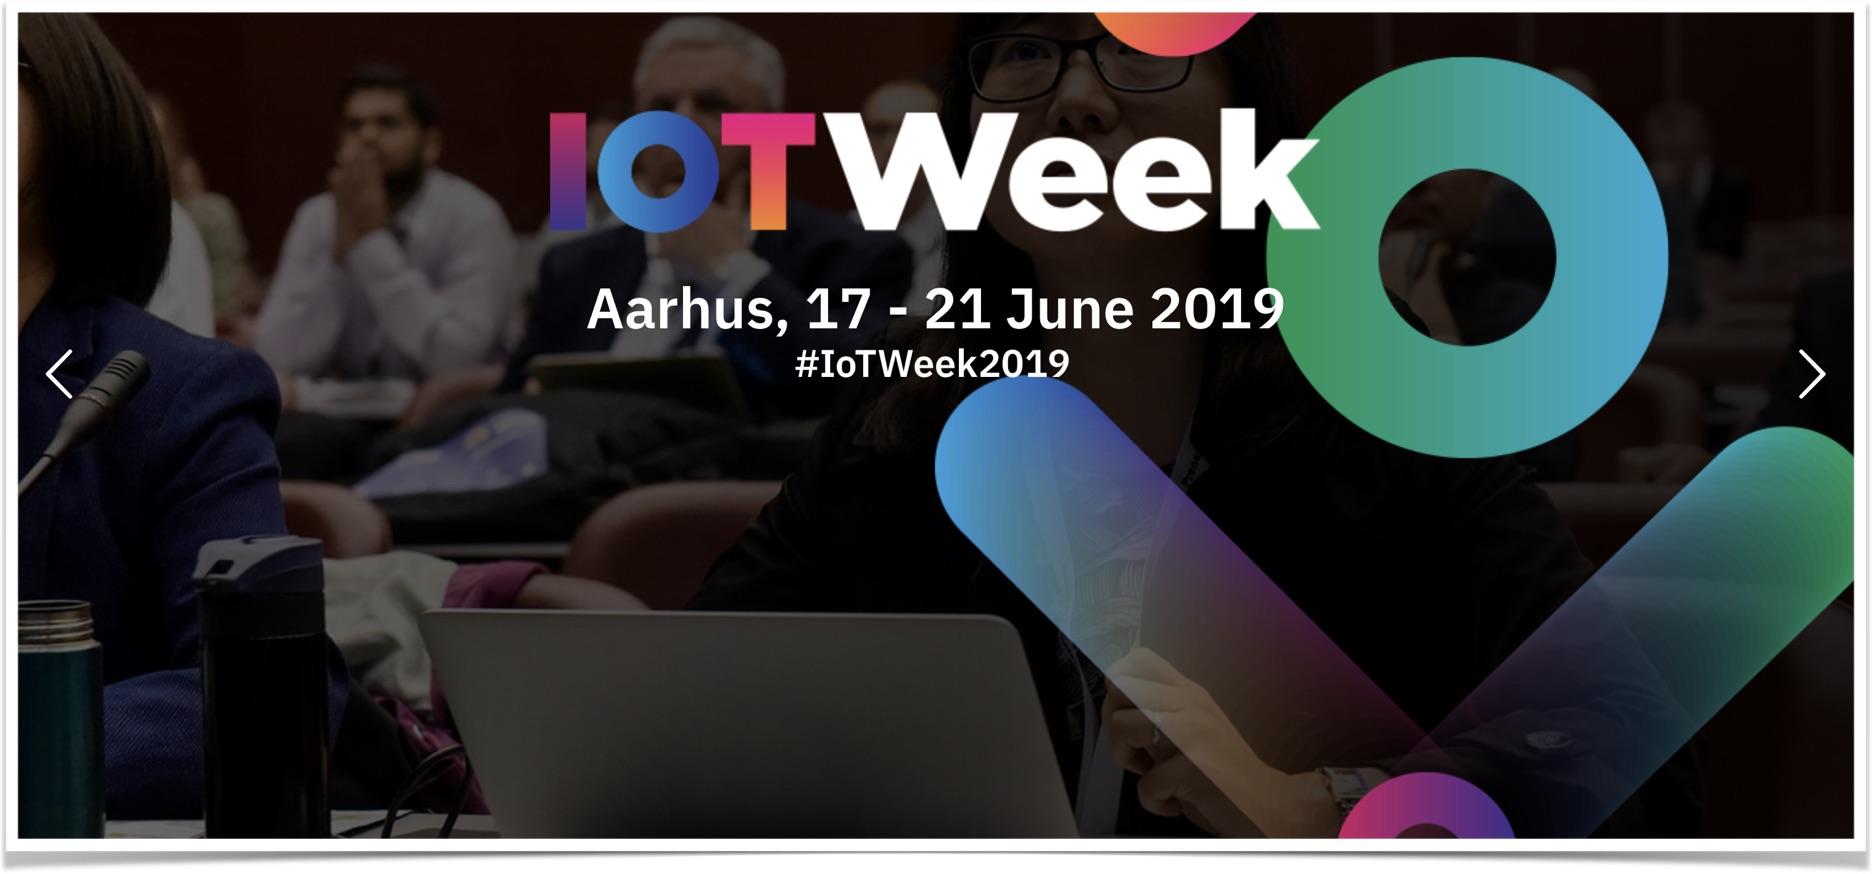 IoT Week keynote